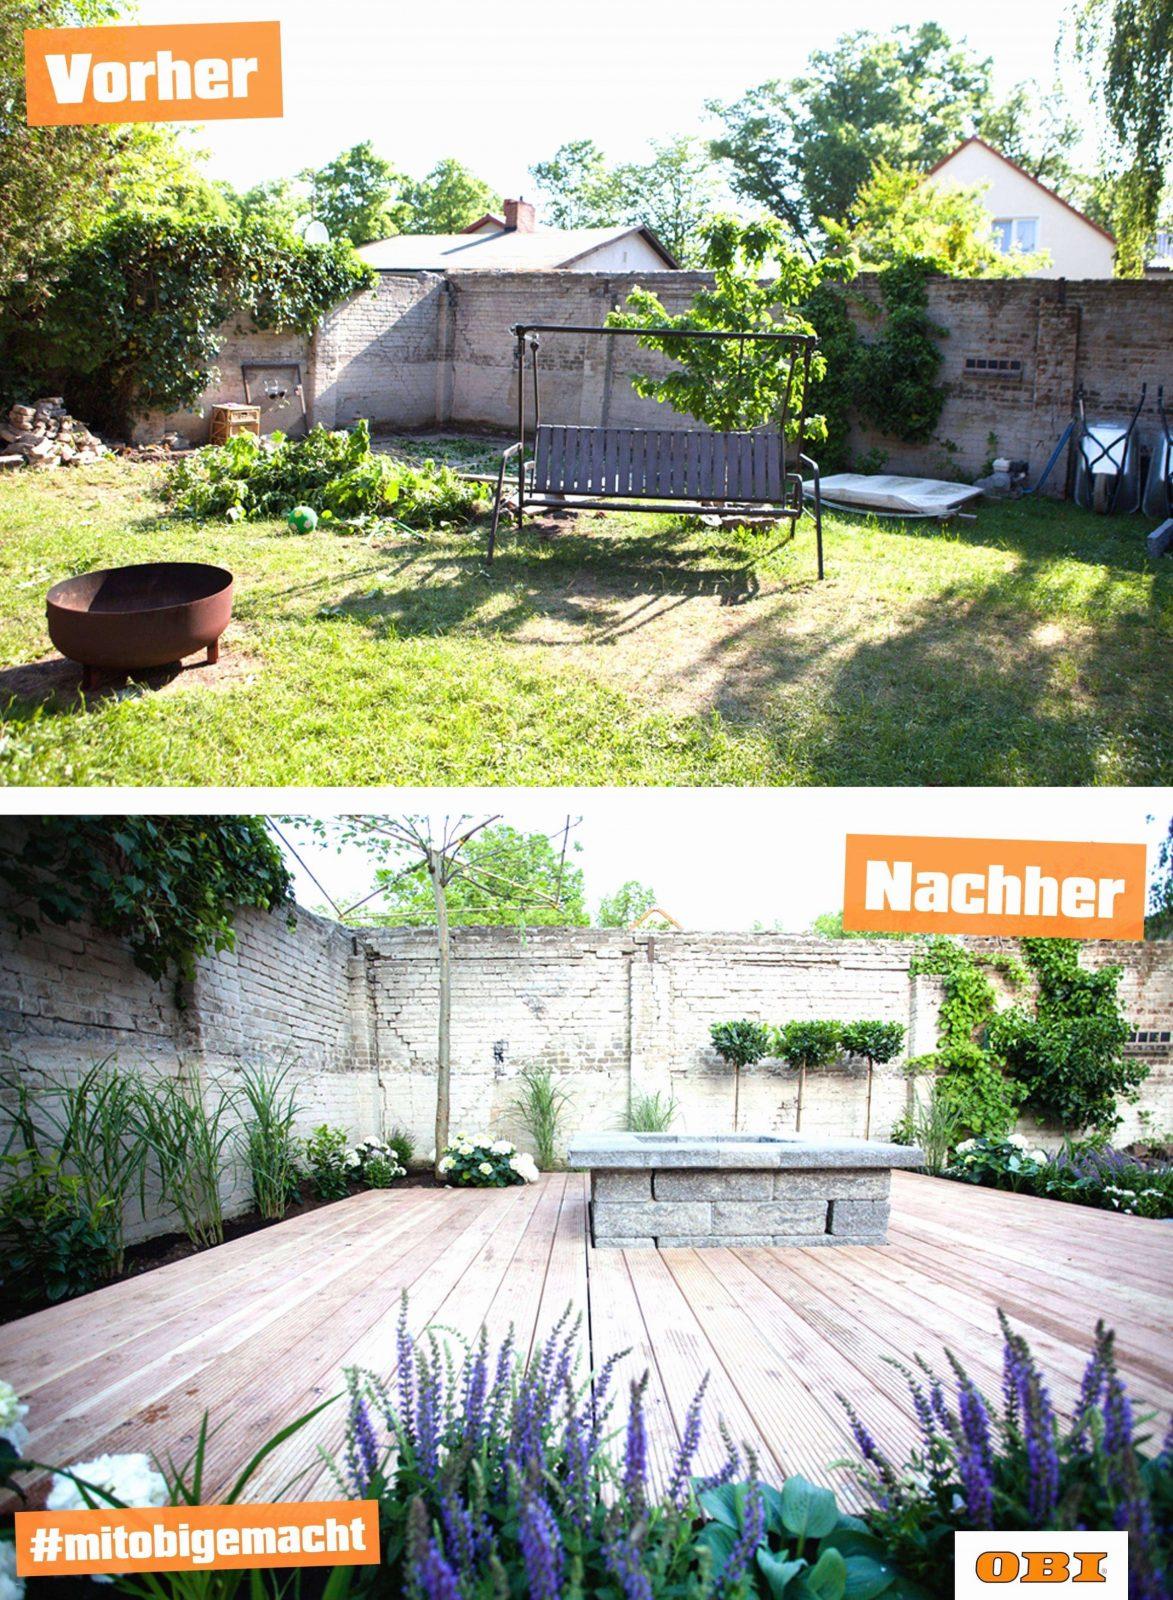 Gartengestaltung Kleine Gärten Beispiele Frisch 34 Luxus Kleine von Gartengestaltung Kleiner Garten Reihenhaus Photo